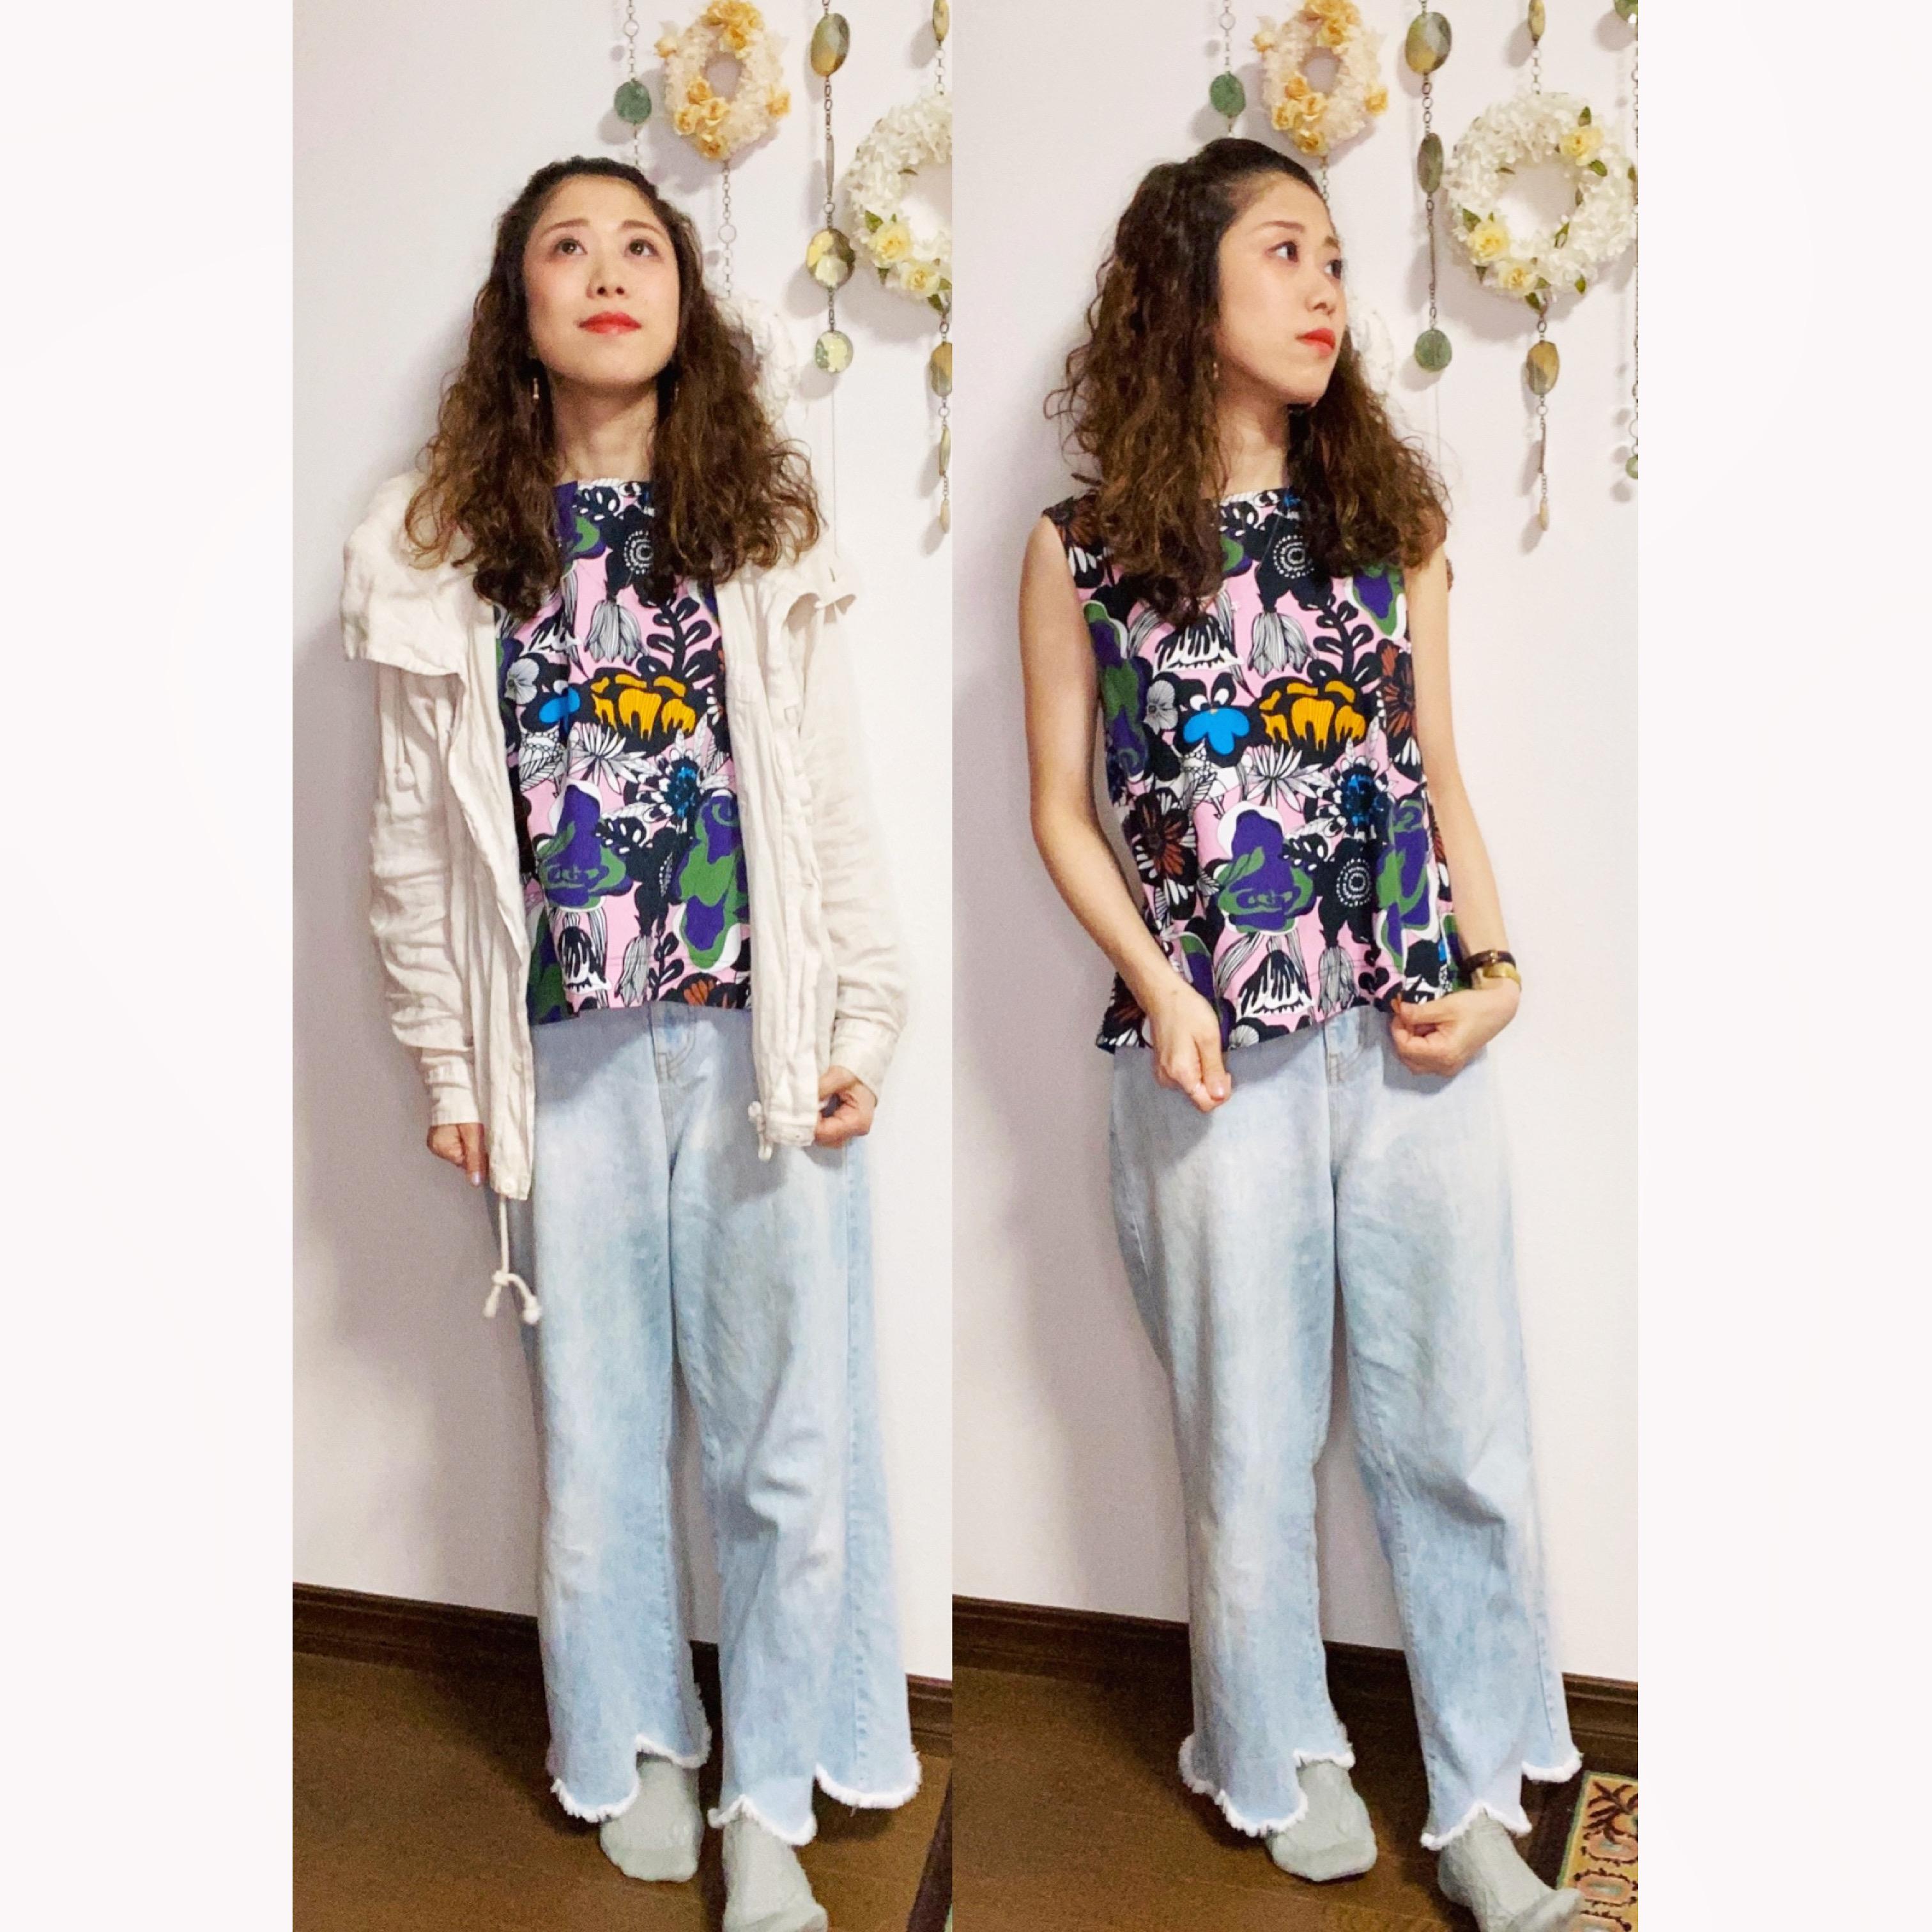 【オンナノコの休日ファッション】2020.8.4【うたうゆきこ】_1